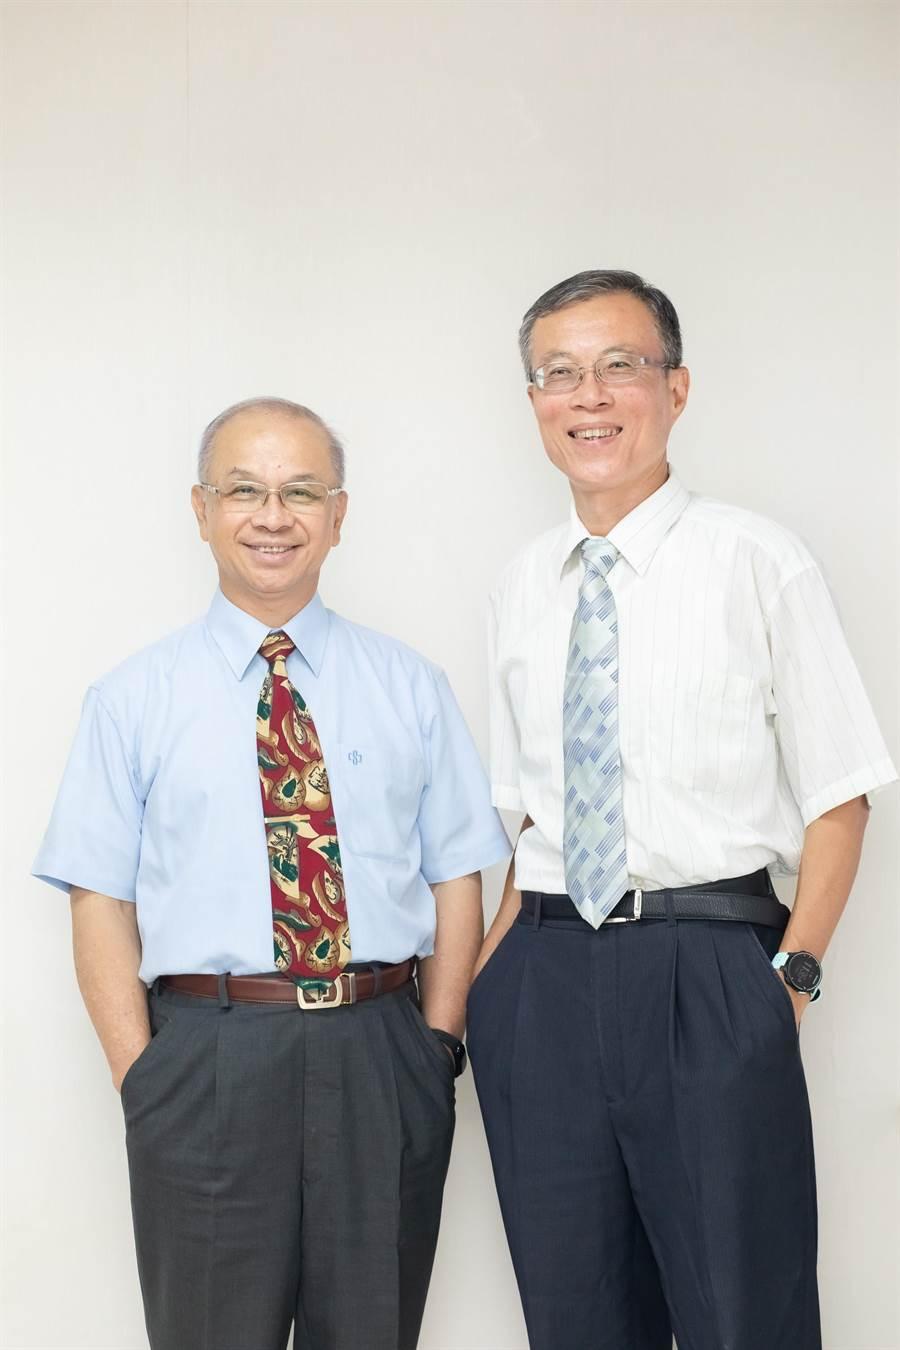 圖說:財團法人車輛研究測試中心新任董事長陳昭義(左),及新任總經理廖慶秋(右)今(26)日在接任後,合影留念。(圖/車輛中心提供)